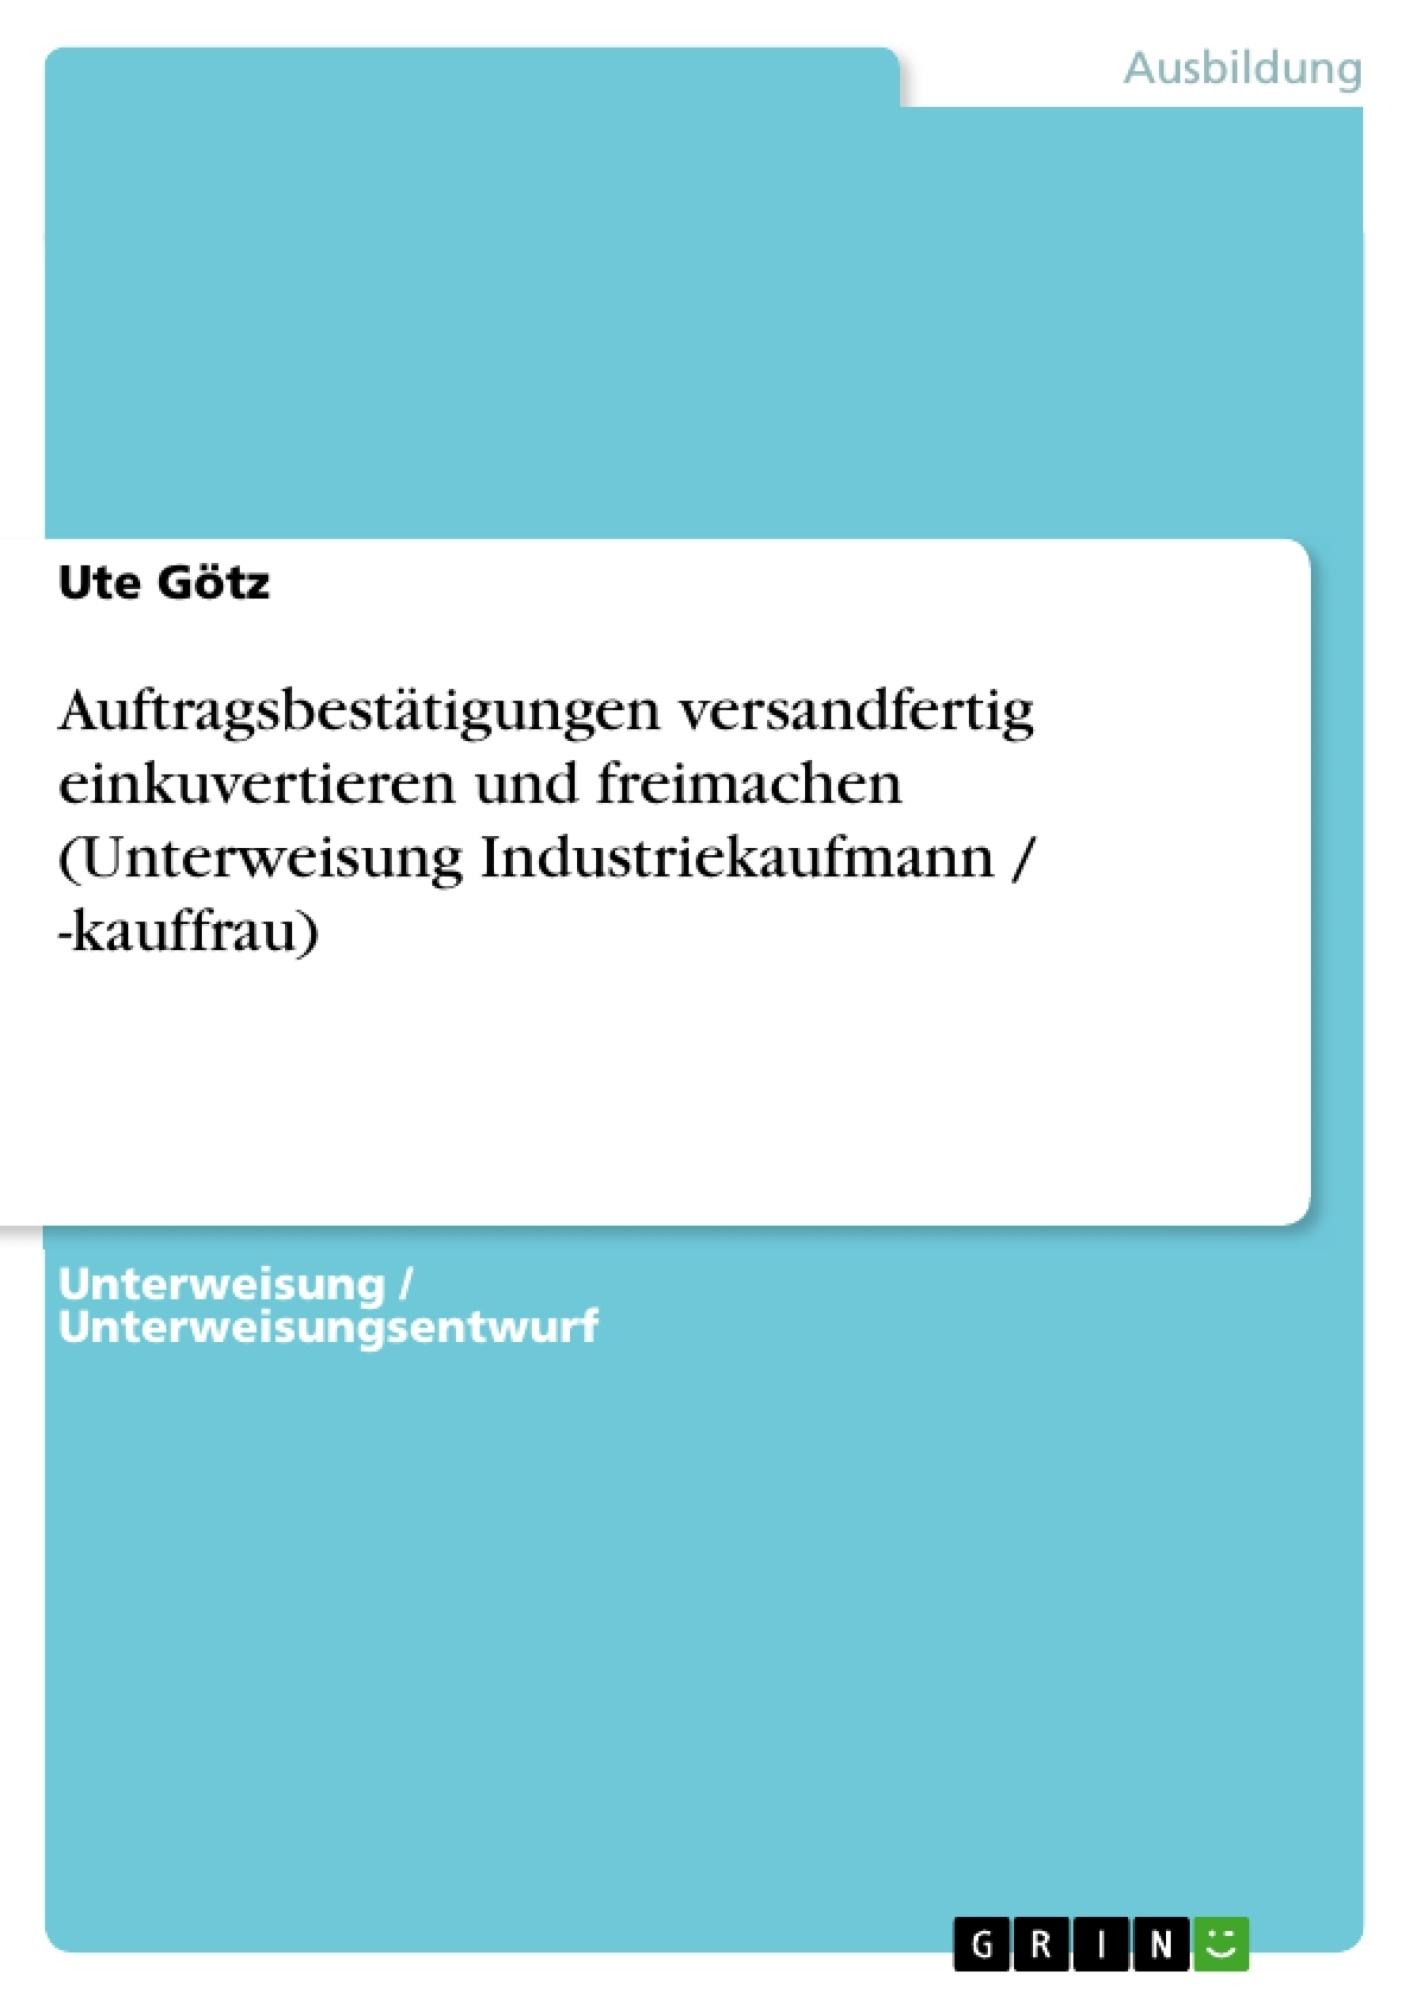 Titel: Auftragsbestätigungen versandfertig einkuvertieren und freimachen (Unterweisung Industriekaufmann / -kauffrau)